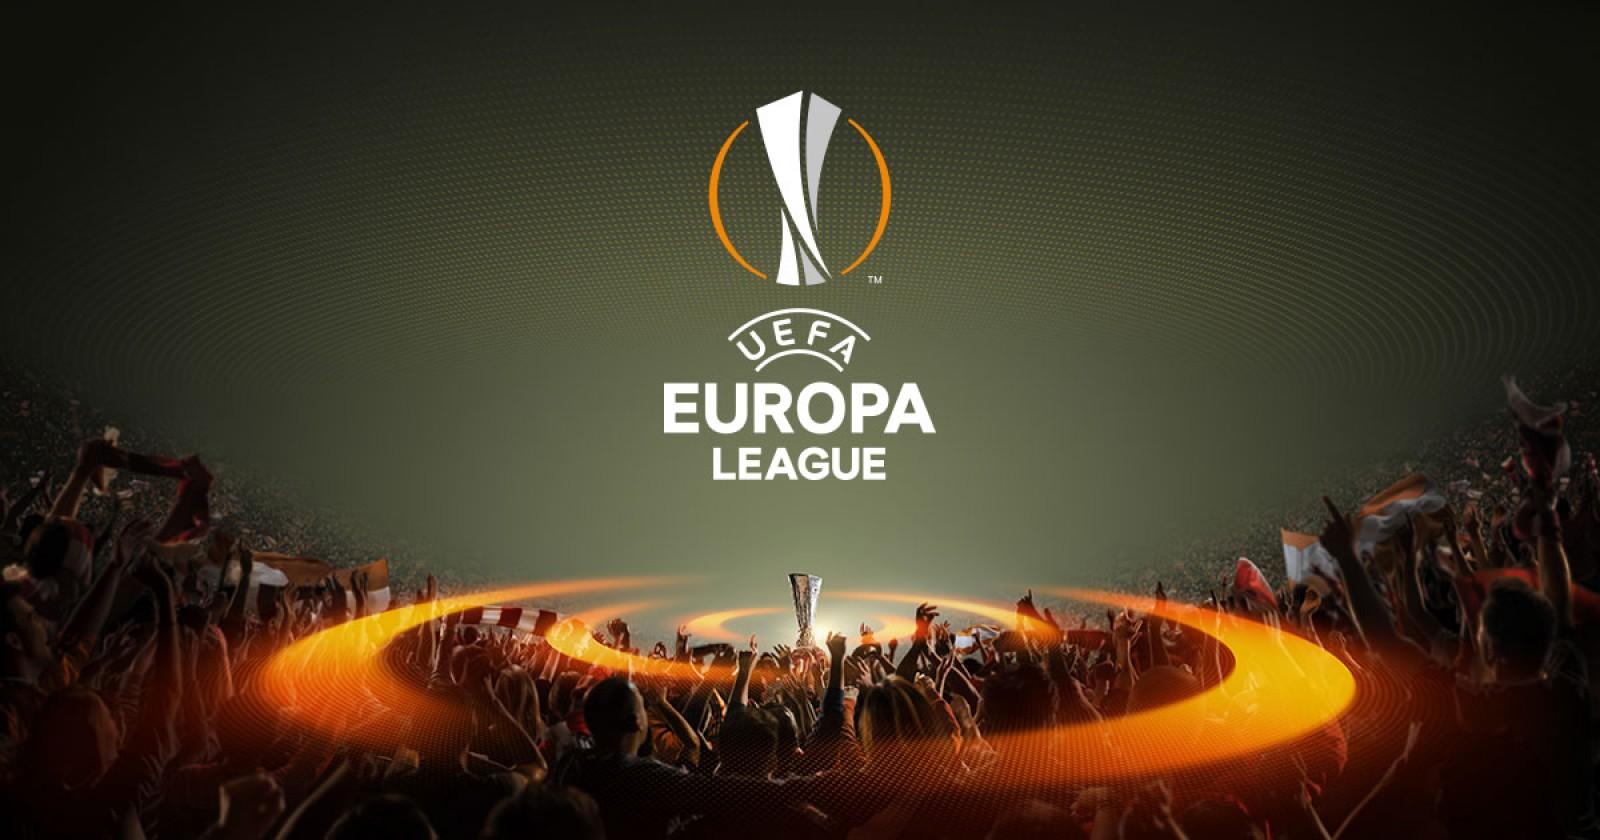 Meci de foc în semifinalele Ligii Europa: Arsenal Londra o va întâlni pe Atletico Madrid